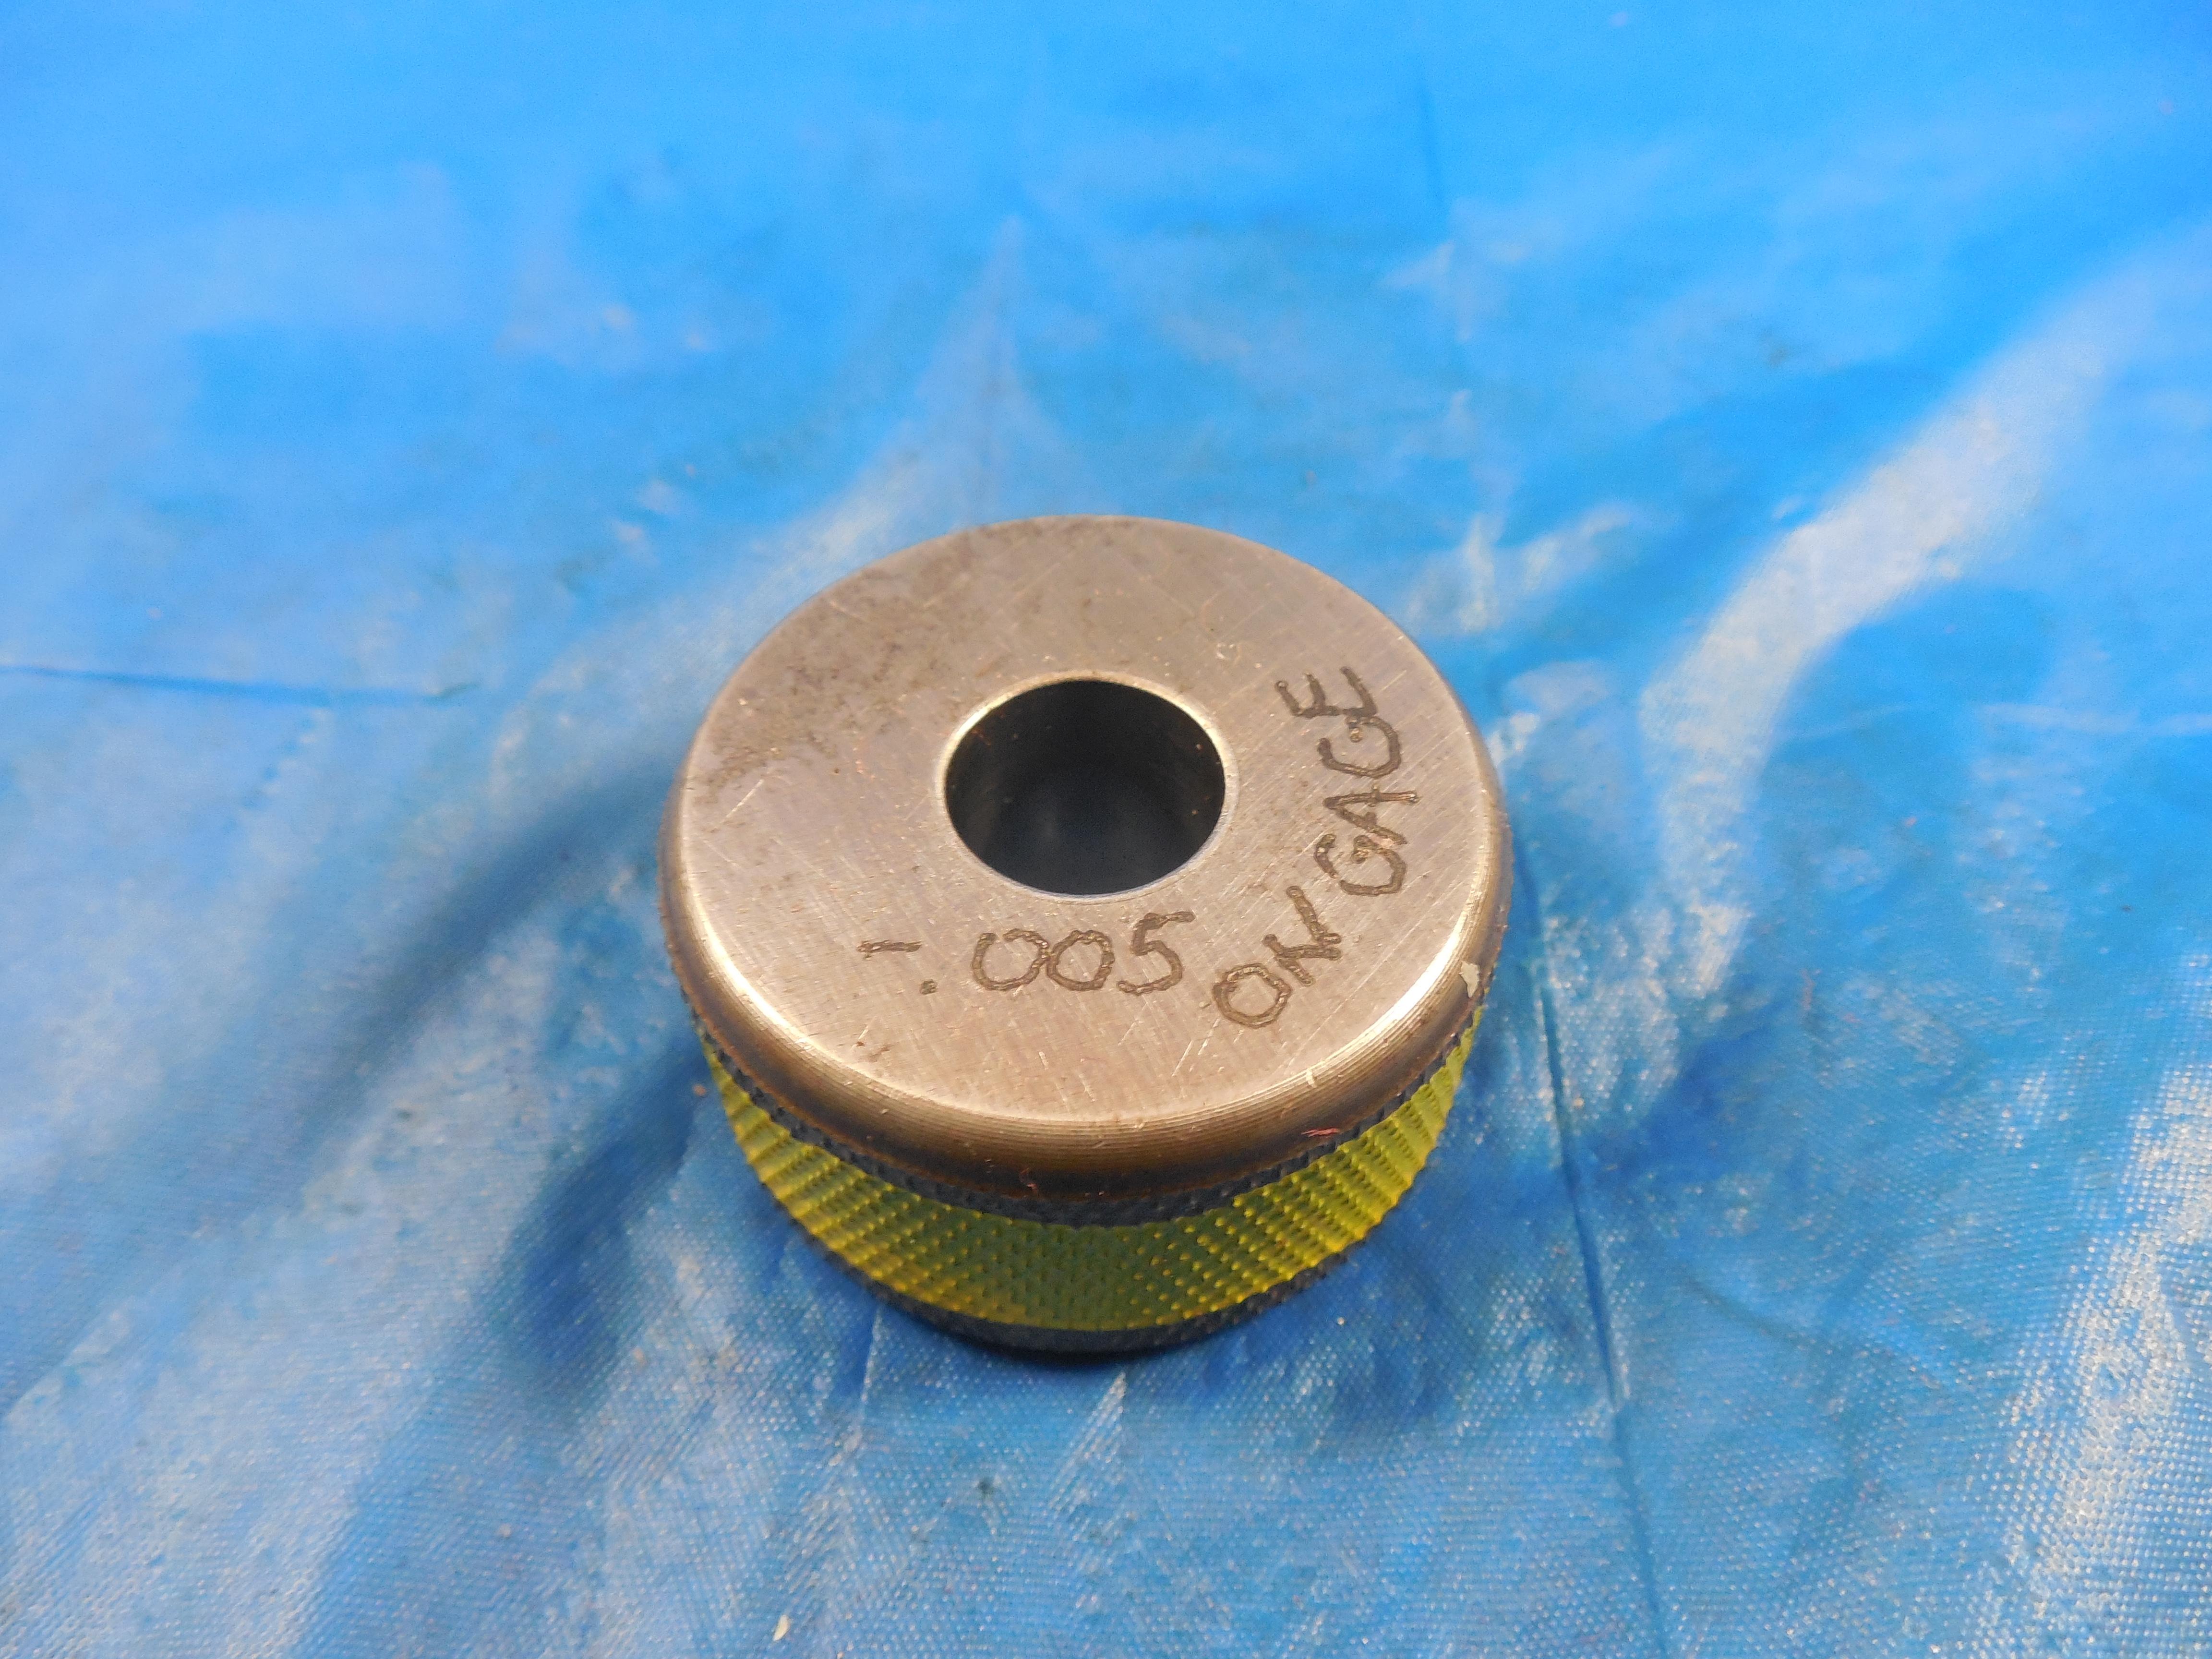 RINGMASTER 1.0000 Master Plain BORE Ring GAGE ONSIZE 1.0 25.400 mm 1 1.00 1.000